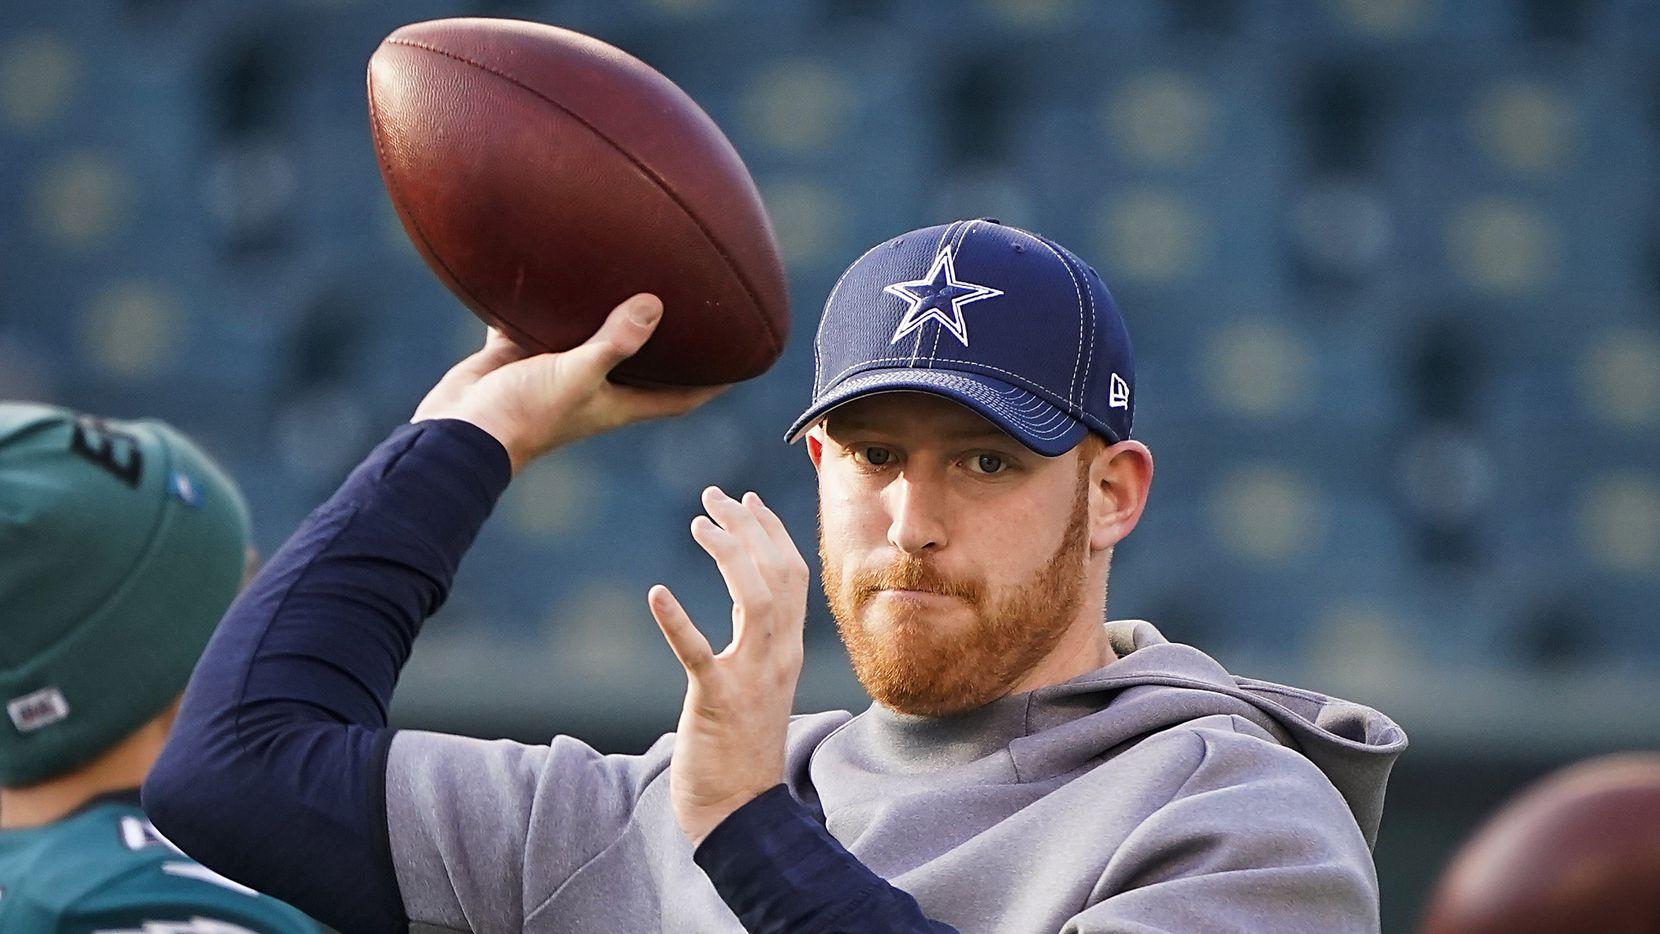 Cooper Rush es una de las opciones en el mercado de agentes libres que los Dallas Cowboys tienen para reforzar su posición de mariscal de campo. Rush ya estuvo con el equipo de Dallas de 2017 a 2019.